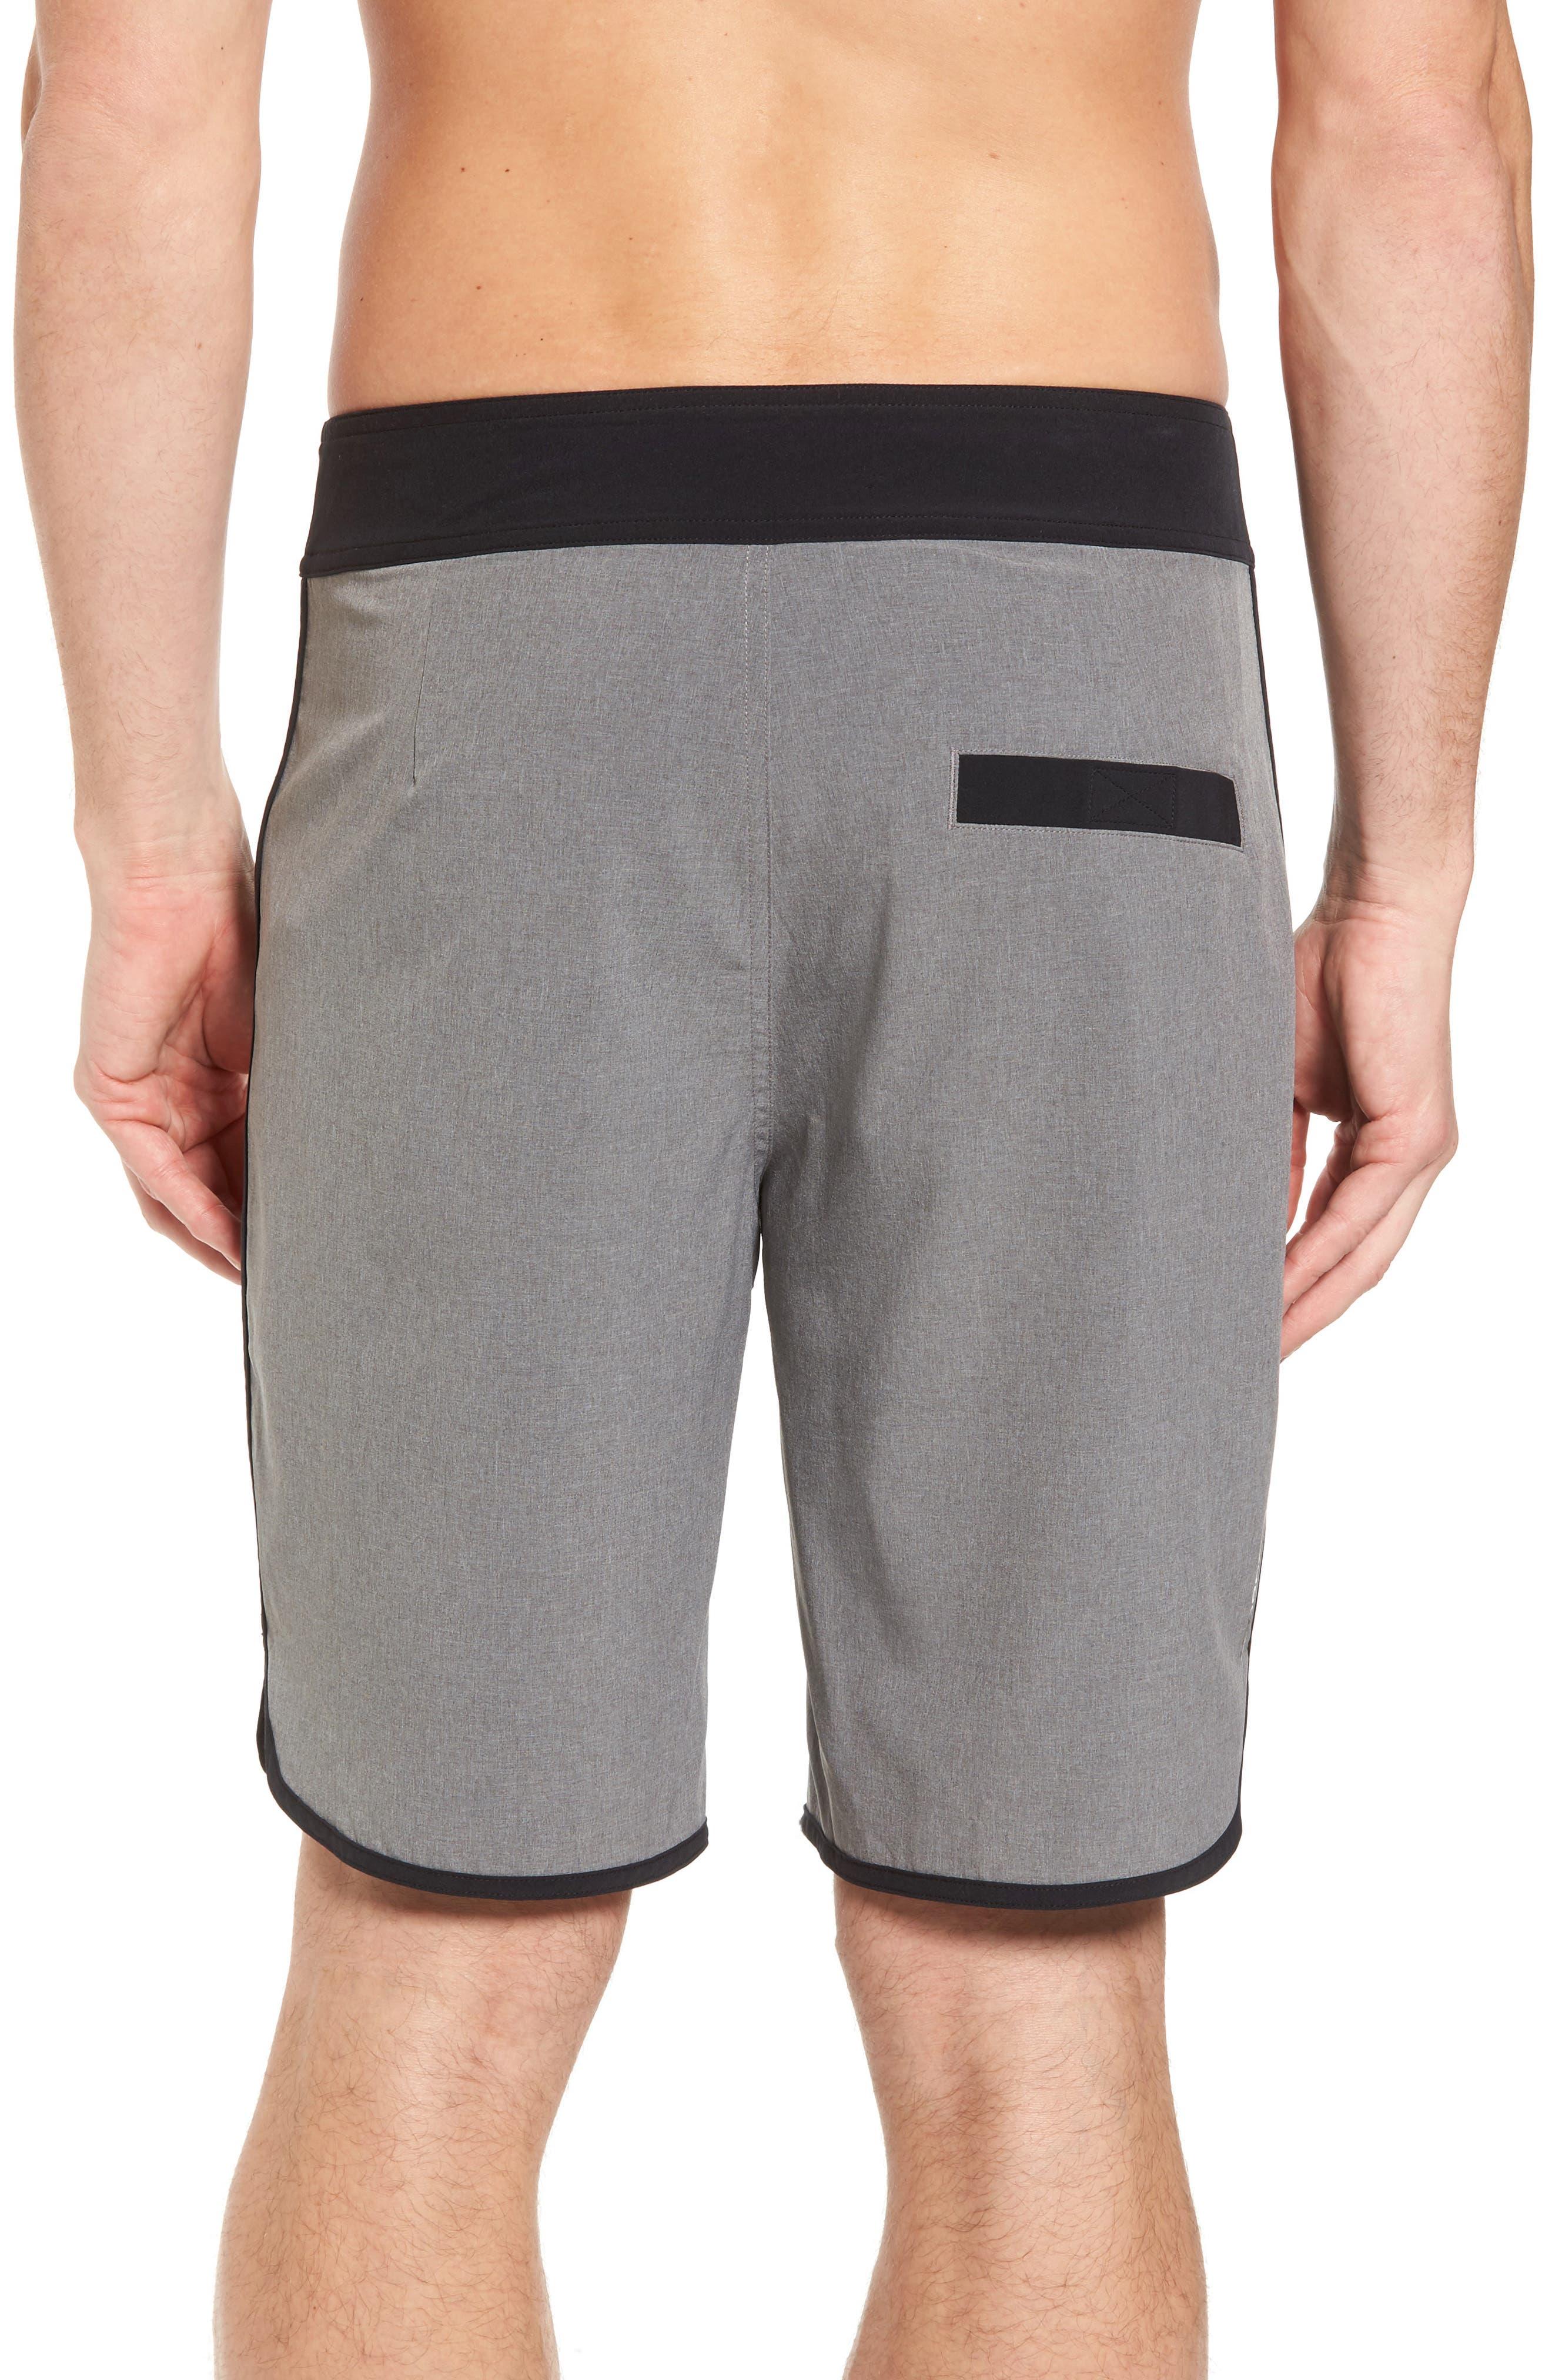 Alternate Image 2  - Beachbody Flex Hybrid Athletic Shorts